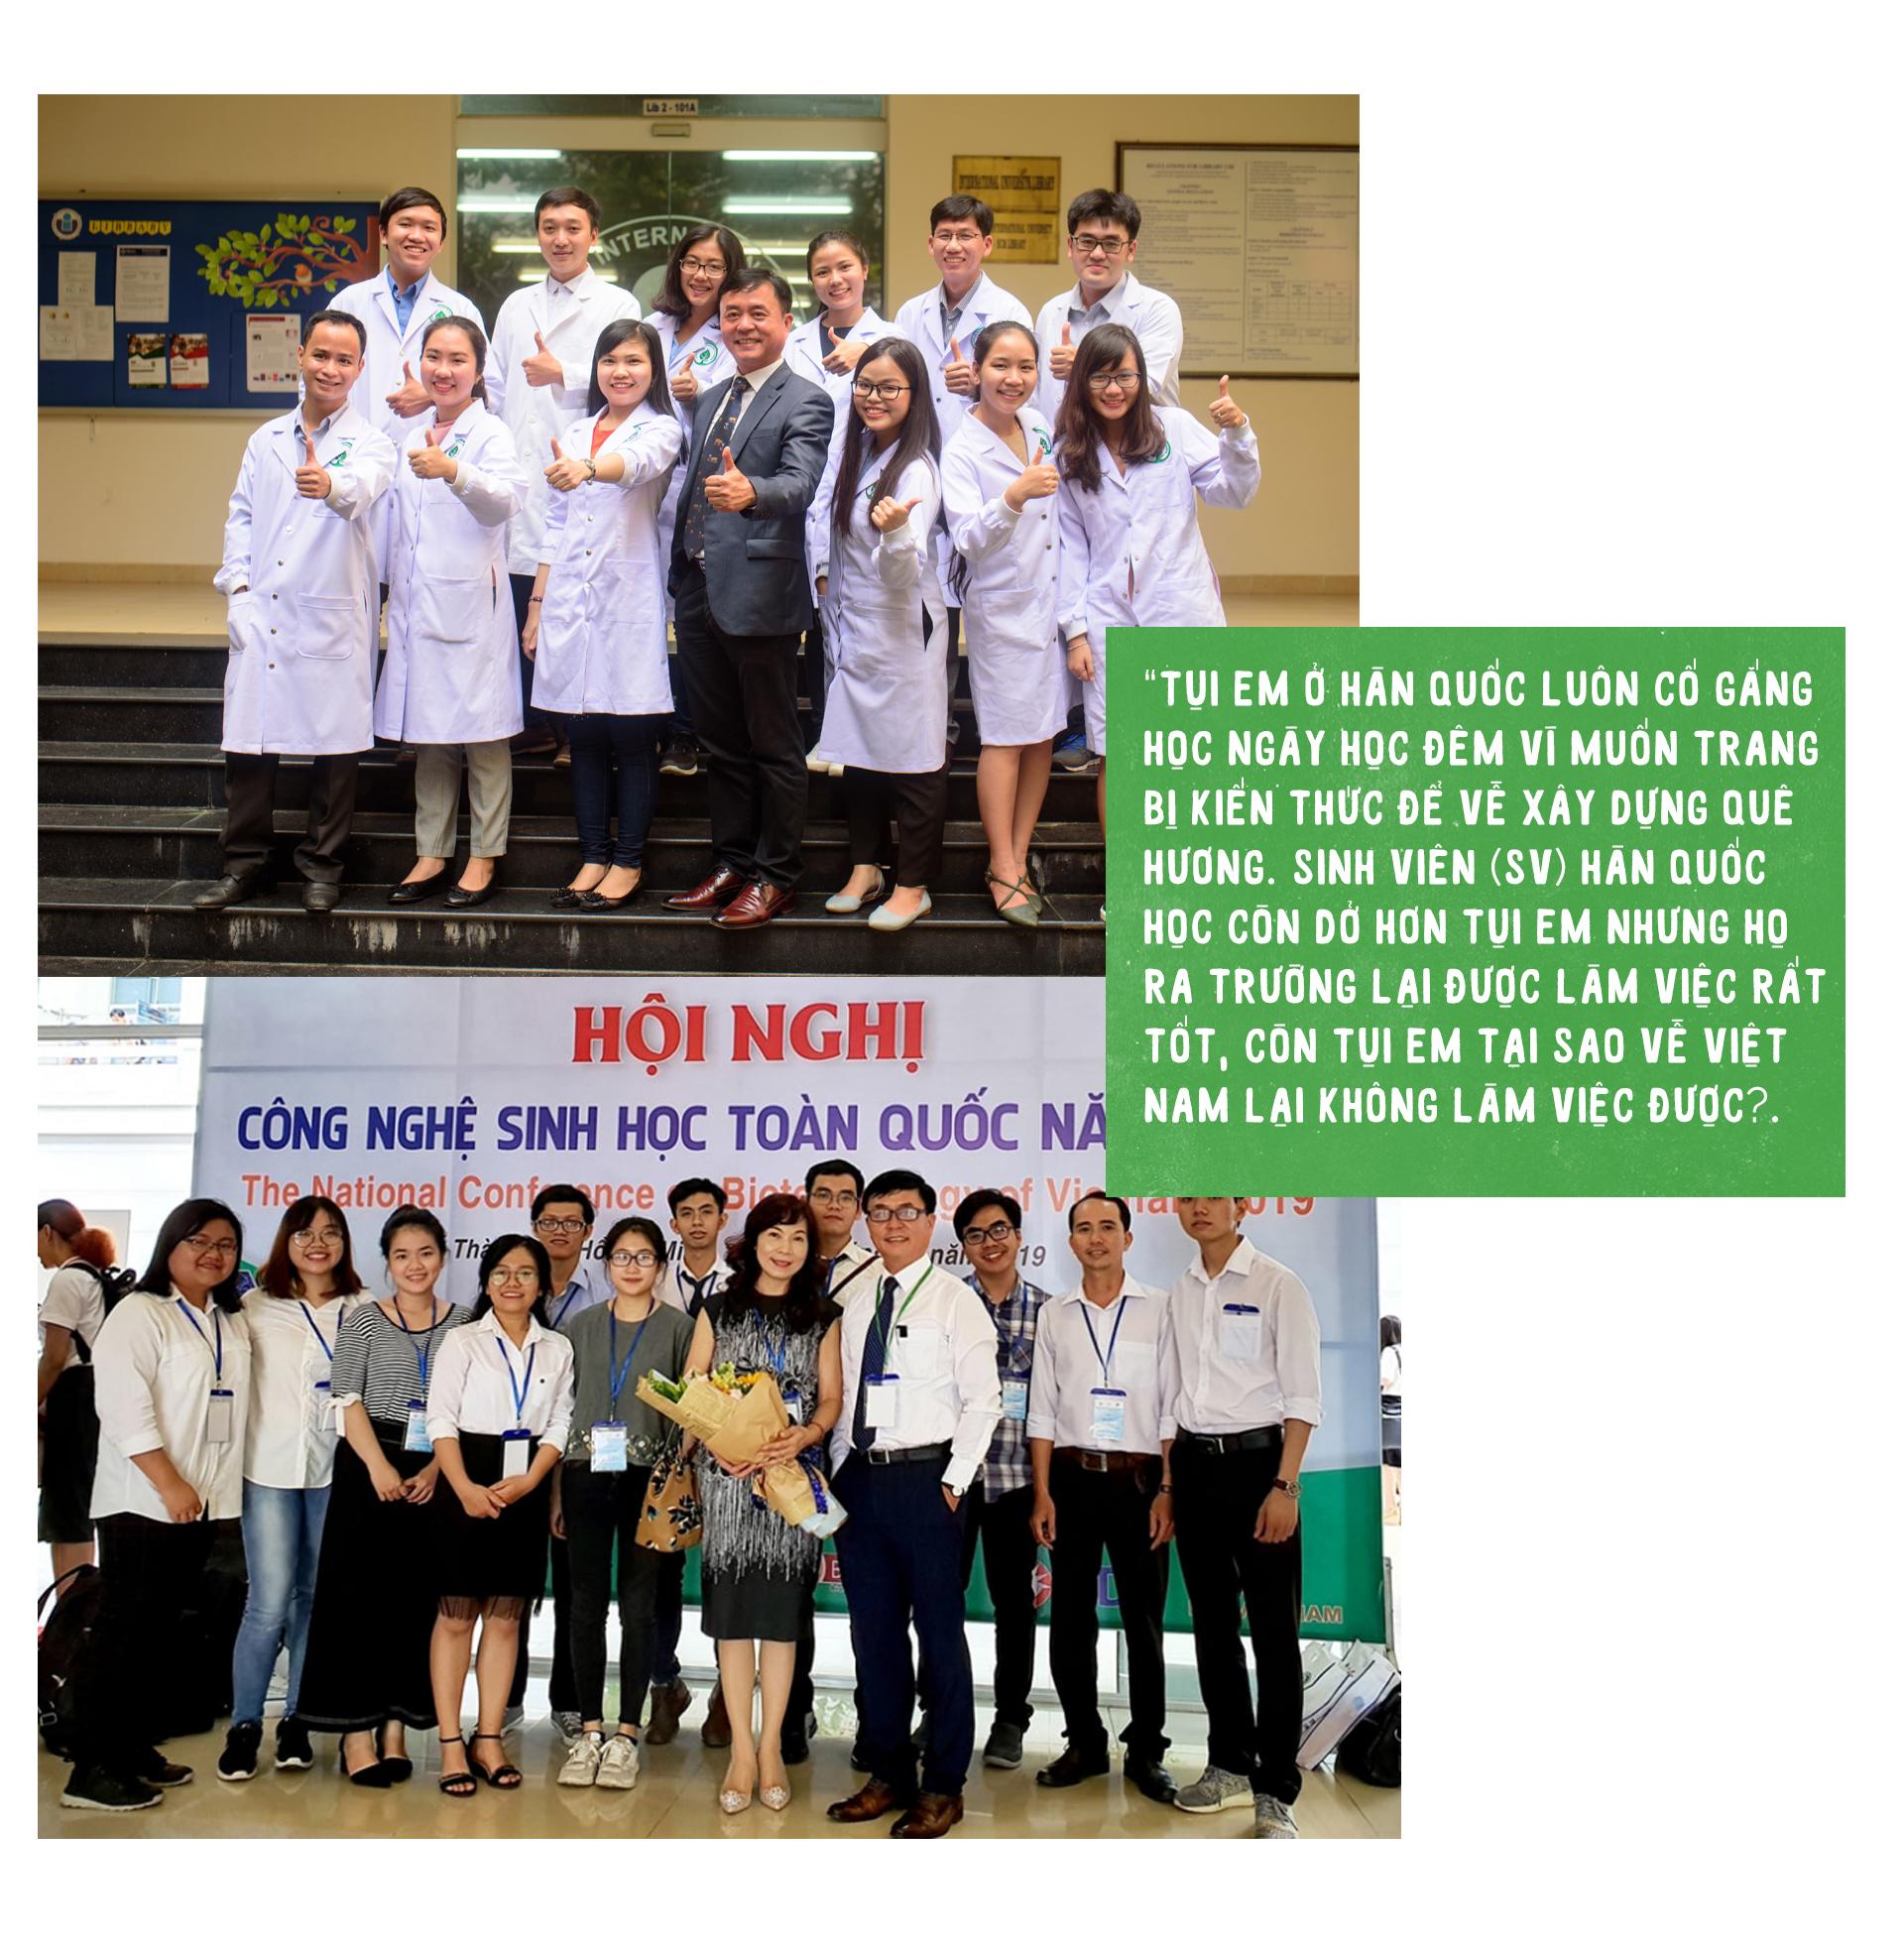 Hành trình 'phải về thôi' của Giáo sư Nguyễn Văn Thuận - ảnh 4